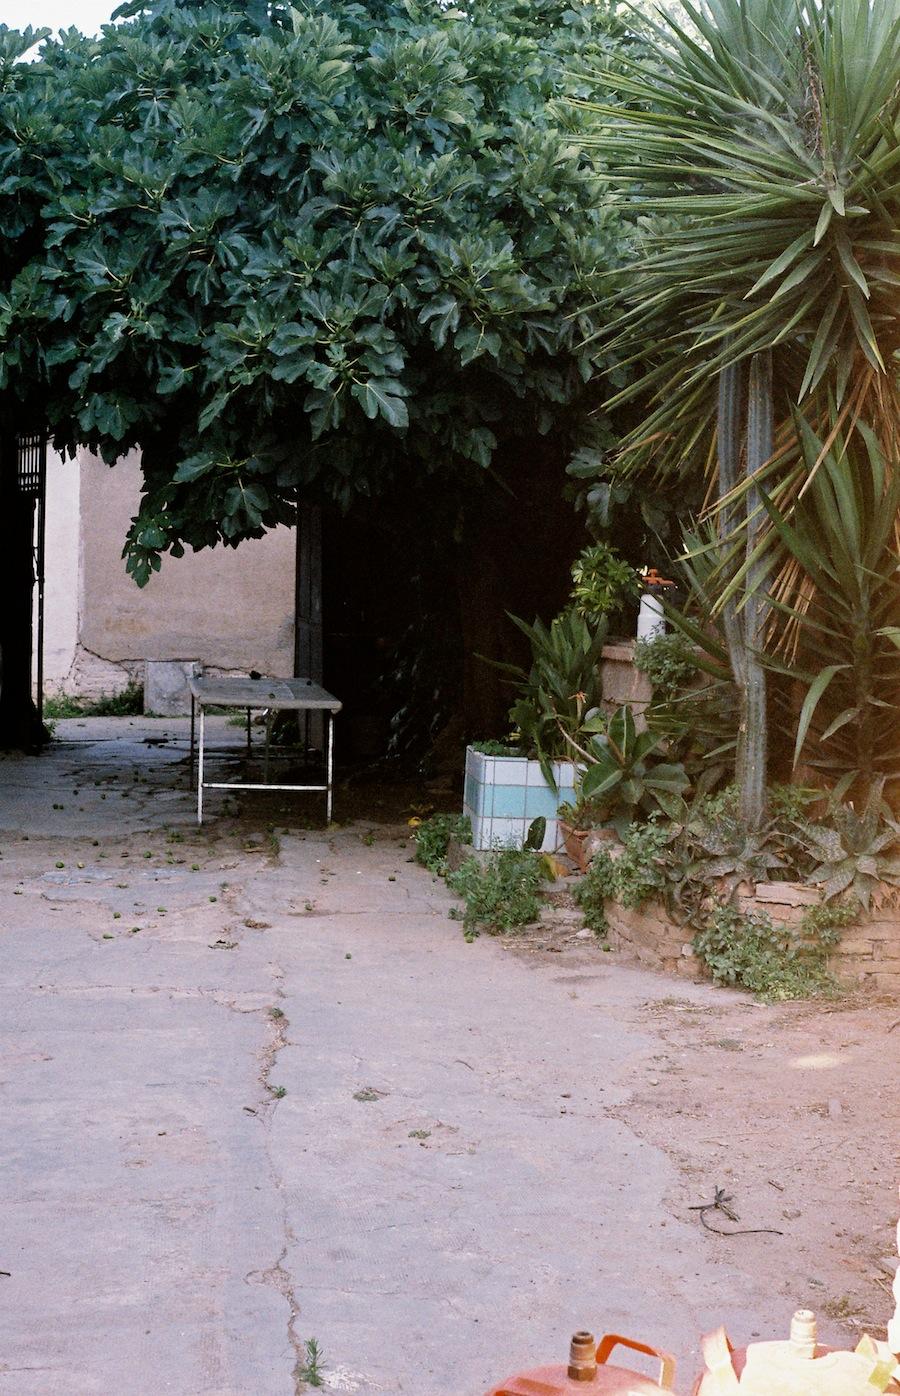 http://lafilladelfotografu.irenavisa.com/files/gimgs/92_f1000017-1.jpg